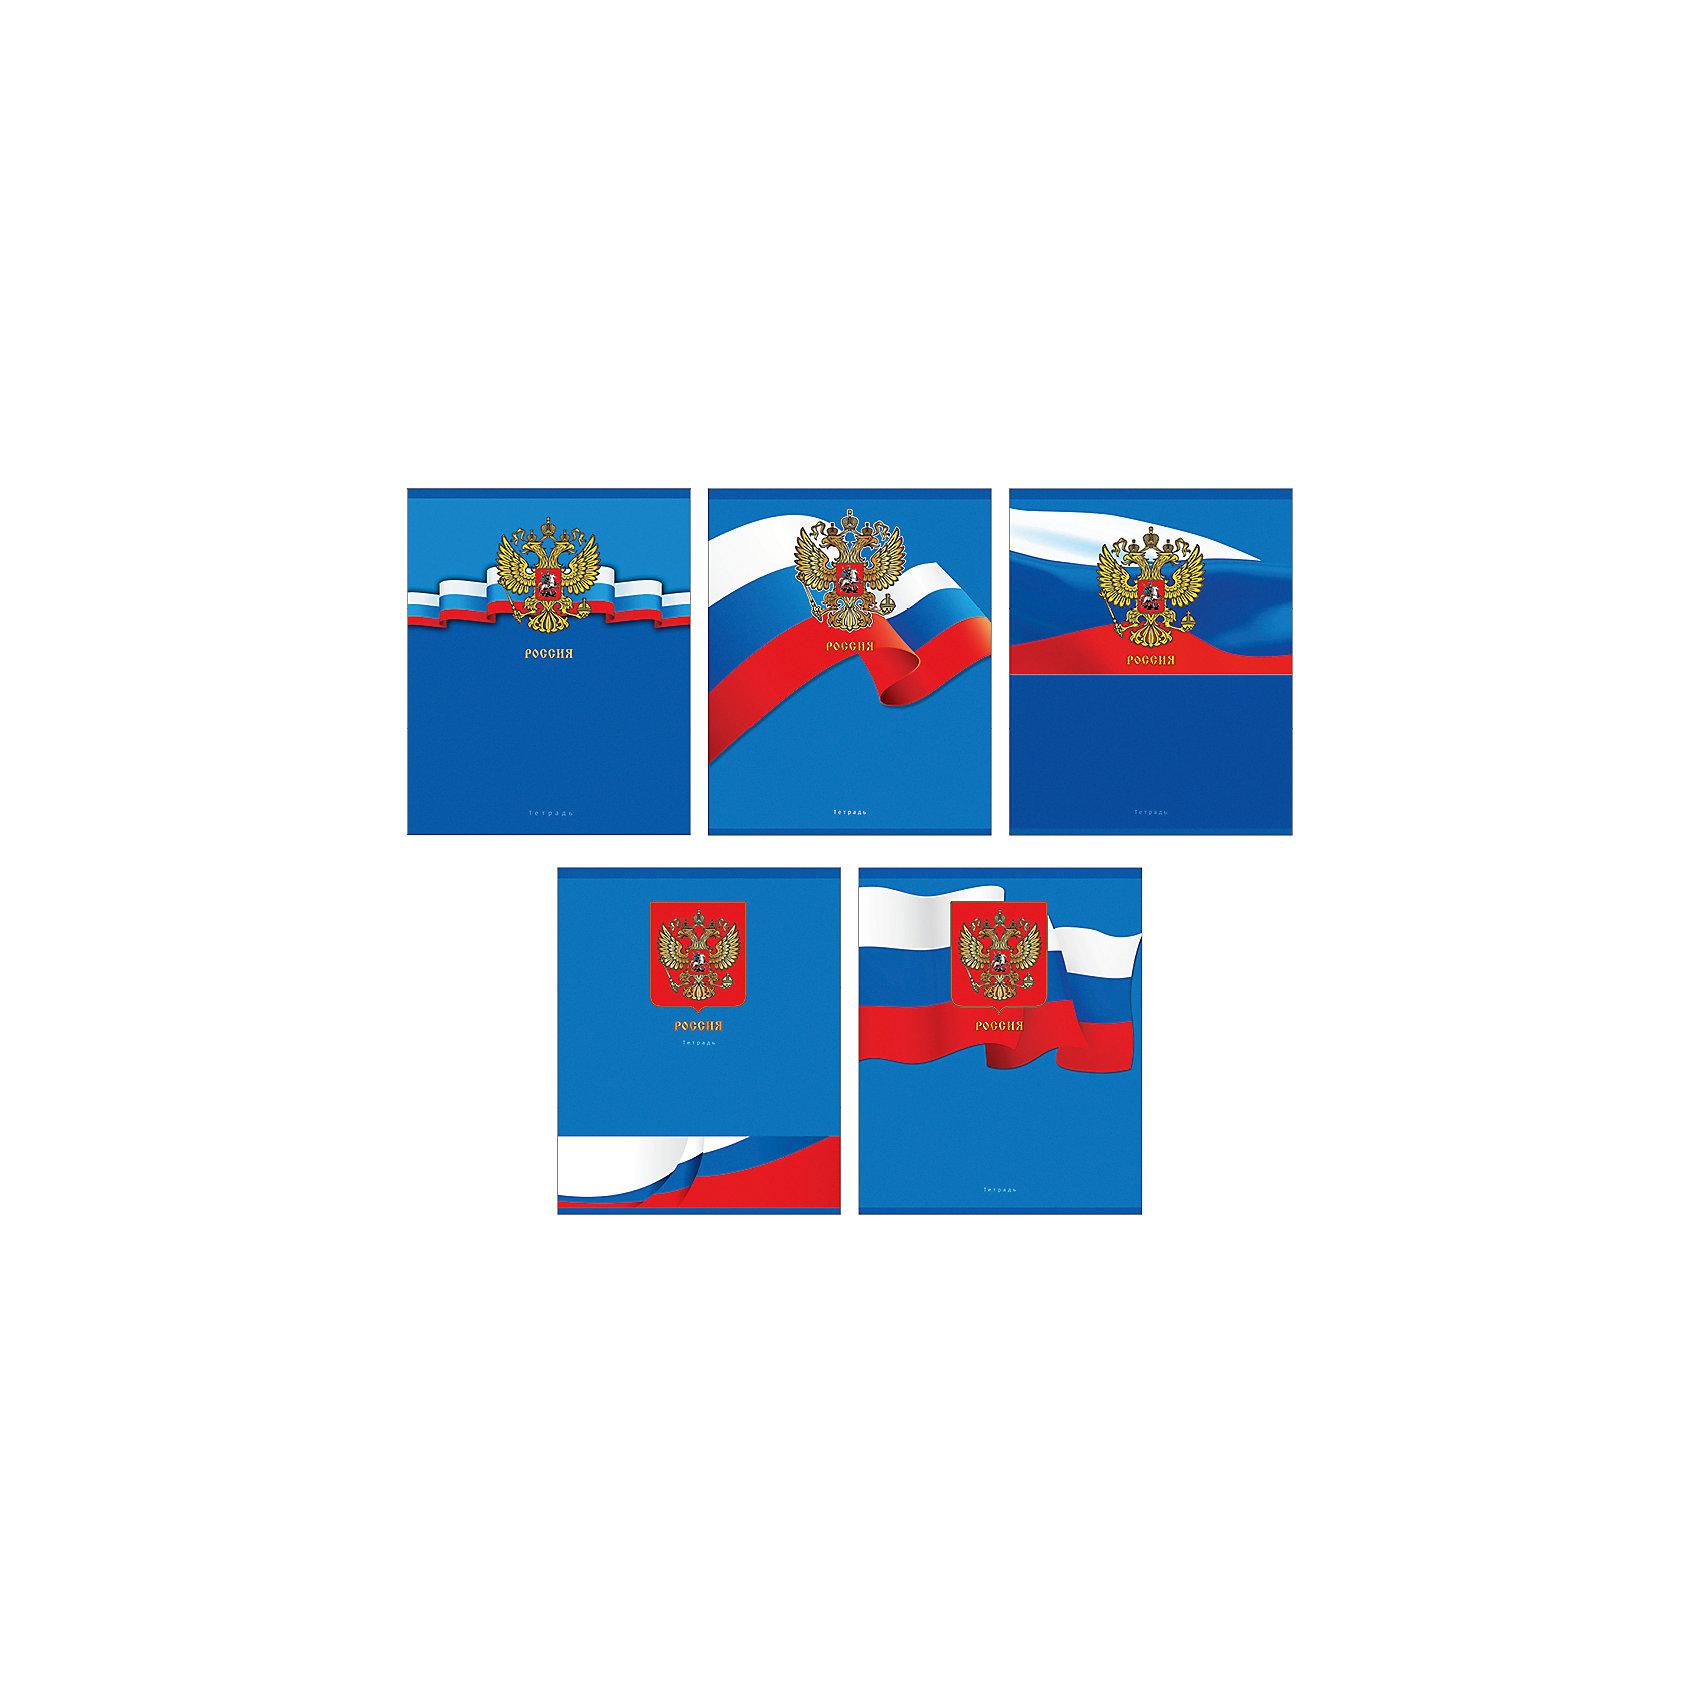 Комплект тетрадей Государственная символика. Герб (10 шт), 48 листов, Канц-ЭксмоБумажная продукция<br>Характеристики комплекта тетрадей Государственная символика. Герб:<br><br>• размеры: 20.2х16.3х3.5 см<br>• количество листов: 48 шт.<br>• разлиновка: клетка<br>• формат: А 5 <br>• комплектация: тетрадь<br>• бумага: офсет, плотностью 60 г/м2.<br>• обложка: мелованный картон, выборочный лак.<br>• бренд: Канц-Эксмо<br>• страна бренда: Россия<br>• страна производителя: Россия<br><br>Комплект тетрадей Государственная символика. Герб от производителя Канц-Эксмо выполнен в формате А5. Количество листов 48, тетради в клетку с полями. Крепление: скрепка. Обложка у изделий плотная - мелованный картон, выборочный лак <br><br>Комплект тетрадей Государственная символика. Герб от производителя Канц-Эксмо можно купить в нашем интернет-магазине.<br><br>Ширина мм: 202<br>Глубина мм: 165<br>Высота мм: 40<br>Вес г: 103<br>Возраст от месяцев: 72<br>Возраст до месяцев: 2147483647<br>Пол: Унисекс<br>Возраст: Детский<br>SKU: 5448418